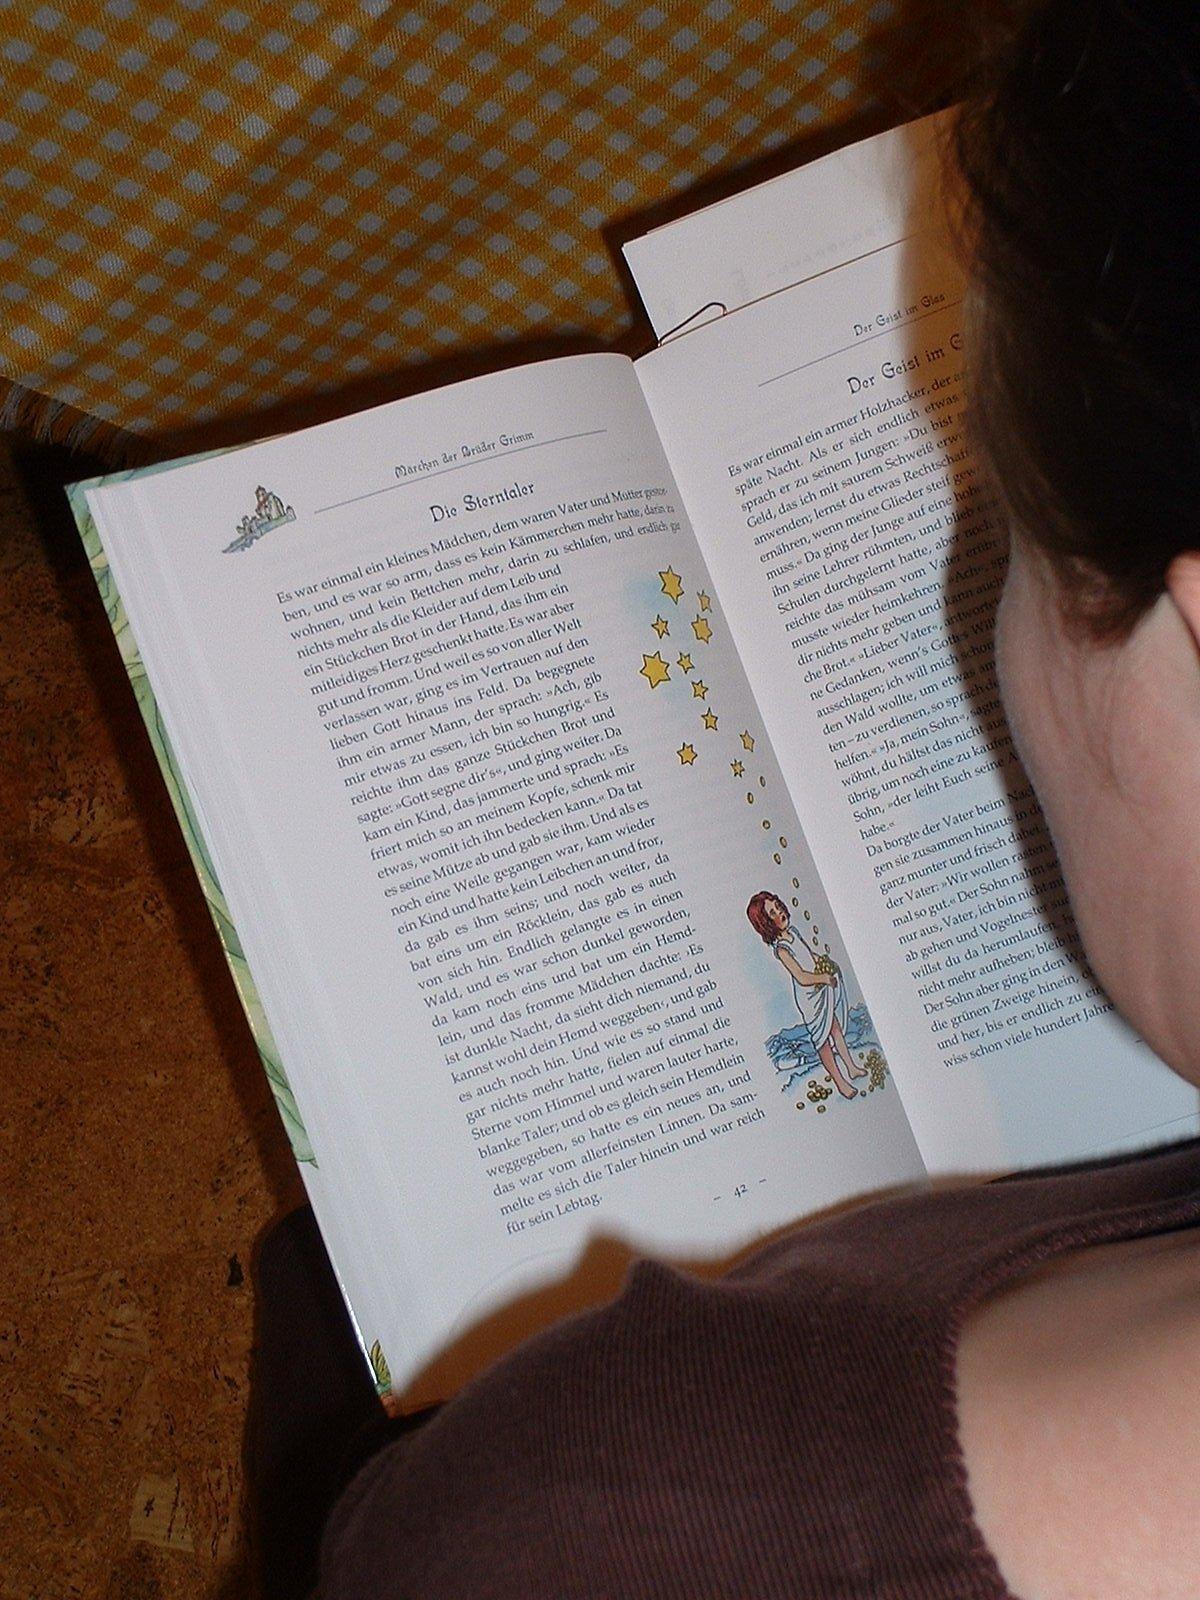 Wer Interesse an einer Lesung hat, kann sich dafür anmelden. (Symbolfoto: Olga Meier-Sander  / pixelio.de)